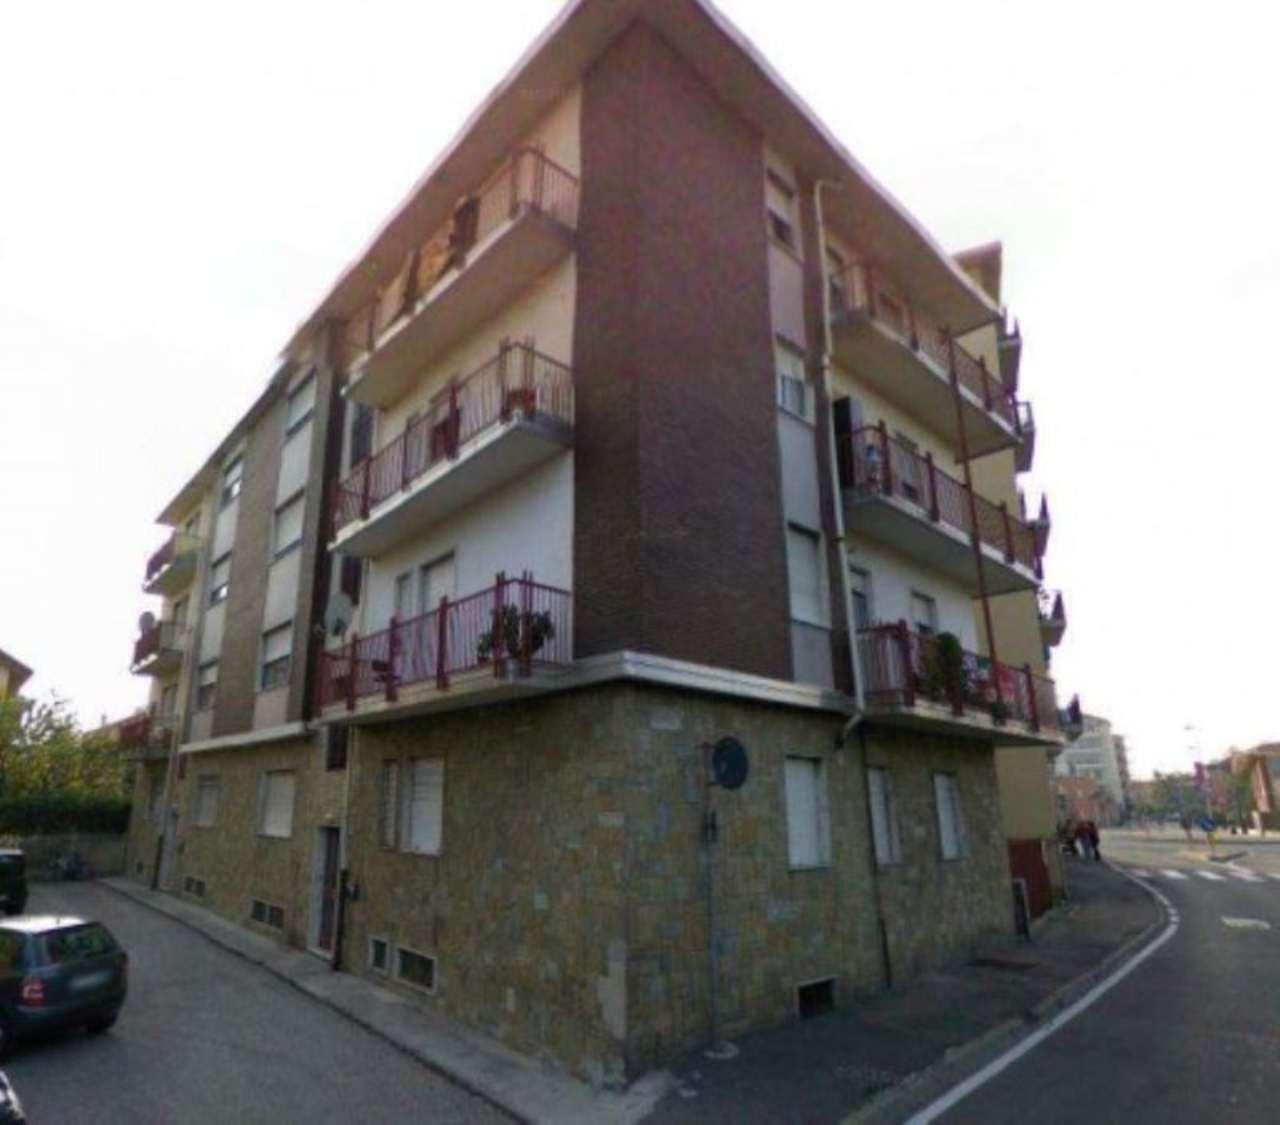 Appartamento in vendita a Settimo Torinese, 3 locali, prezzo € 85.000 | CambioCasa.it